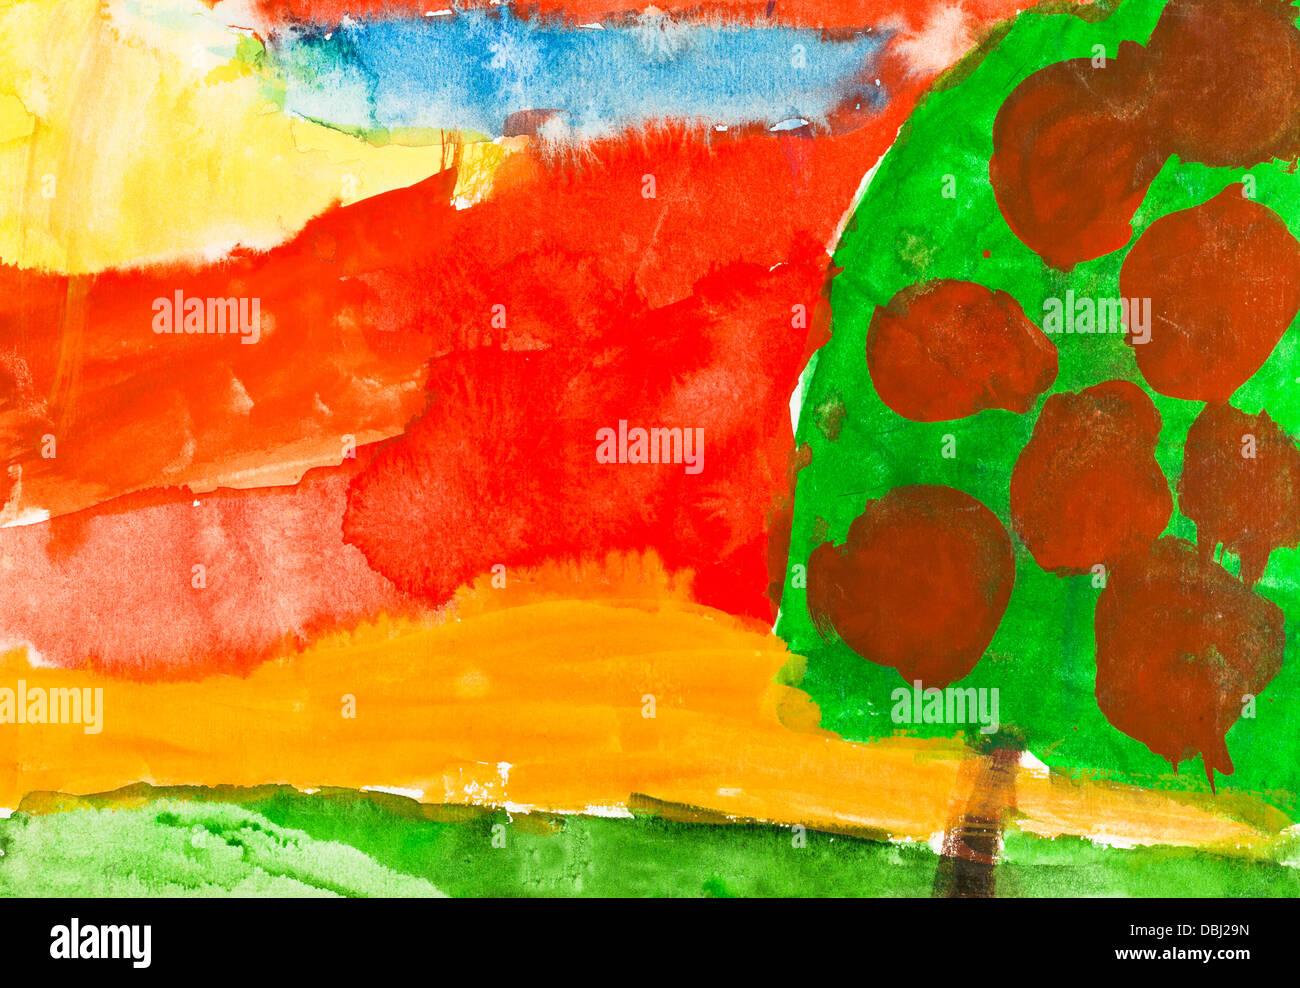 Kinder Malen Rote Herbst Sonnenuntergang Und Apfel Baum Mit Reifen